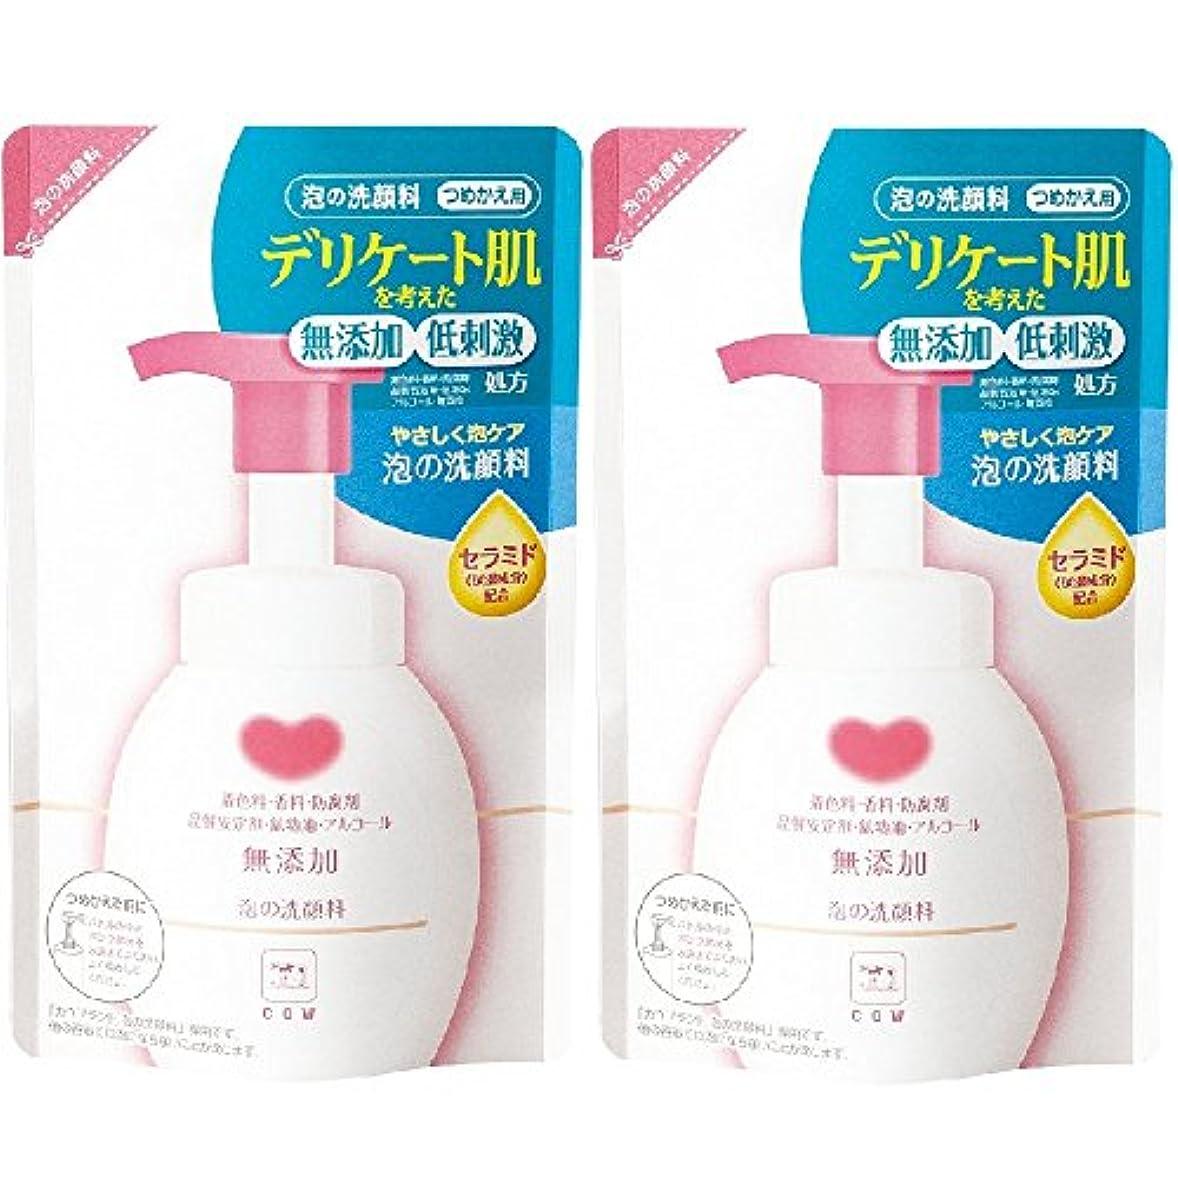 シンカンチャート指令カウブランド 無添加 泡の洗顔料 詰替用 2個組 (180mL×2個)